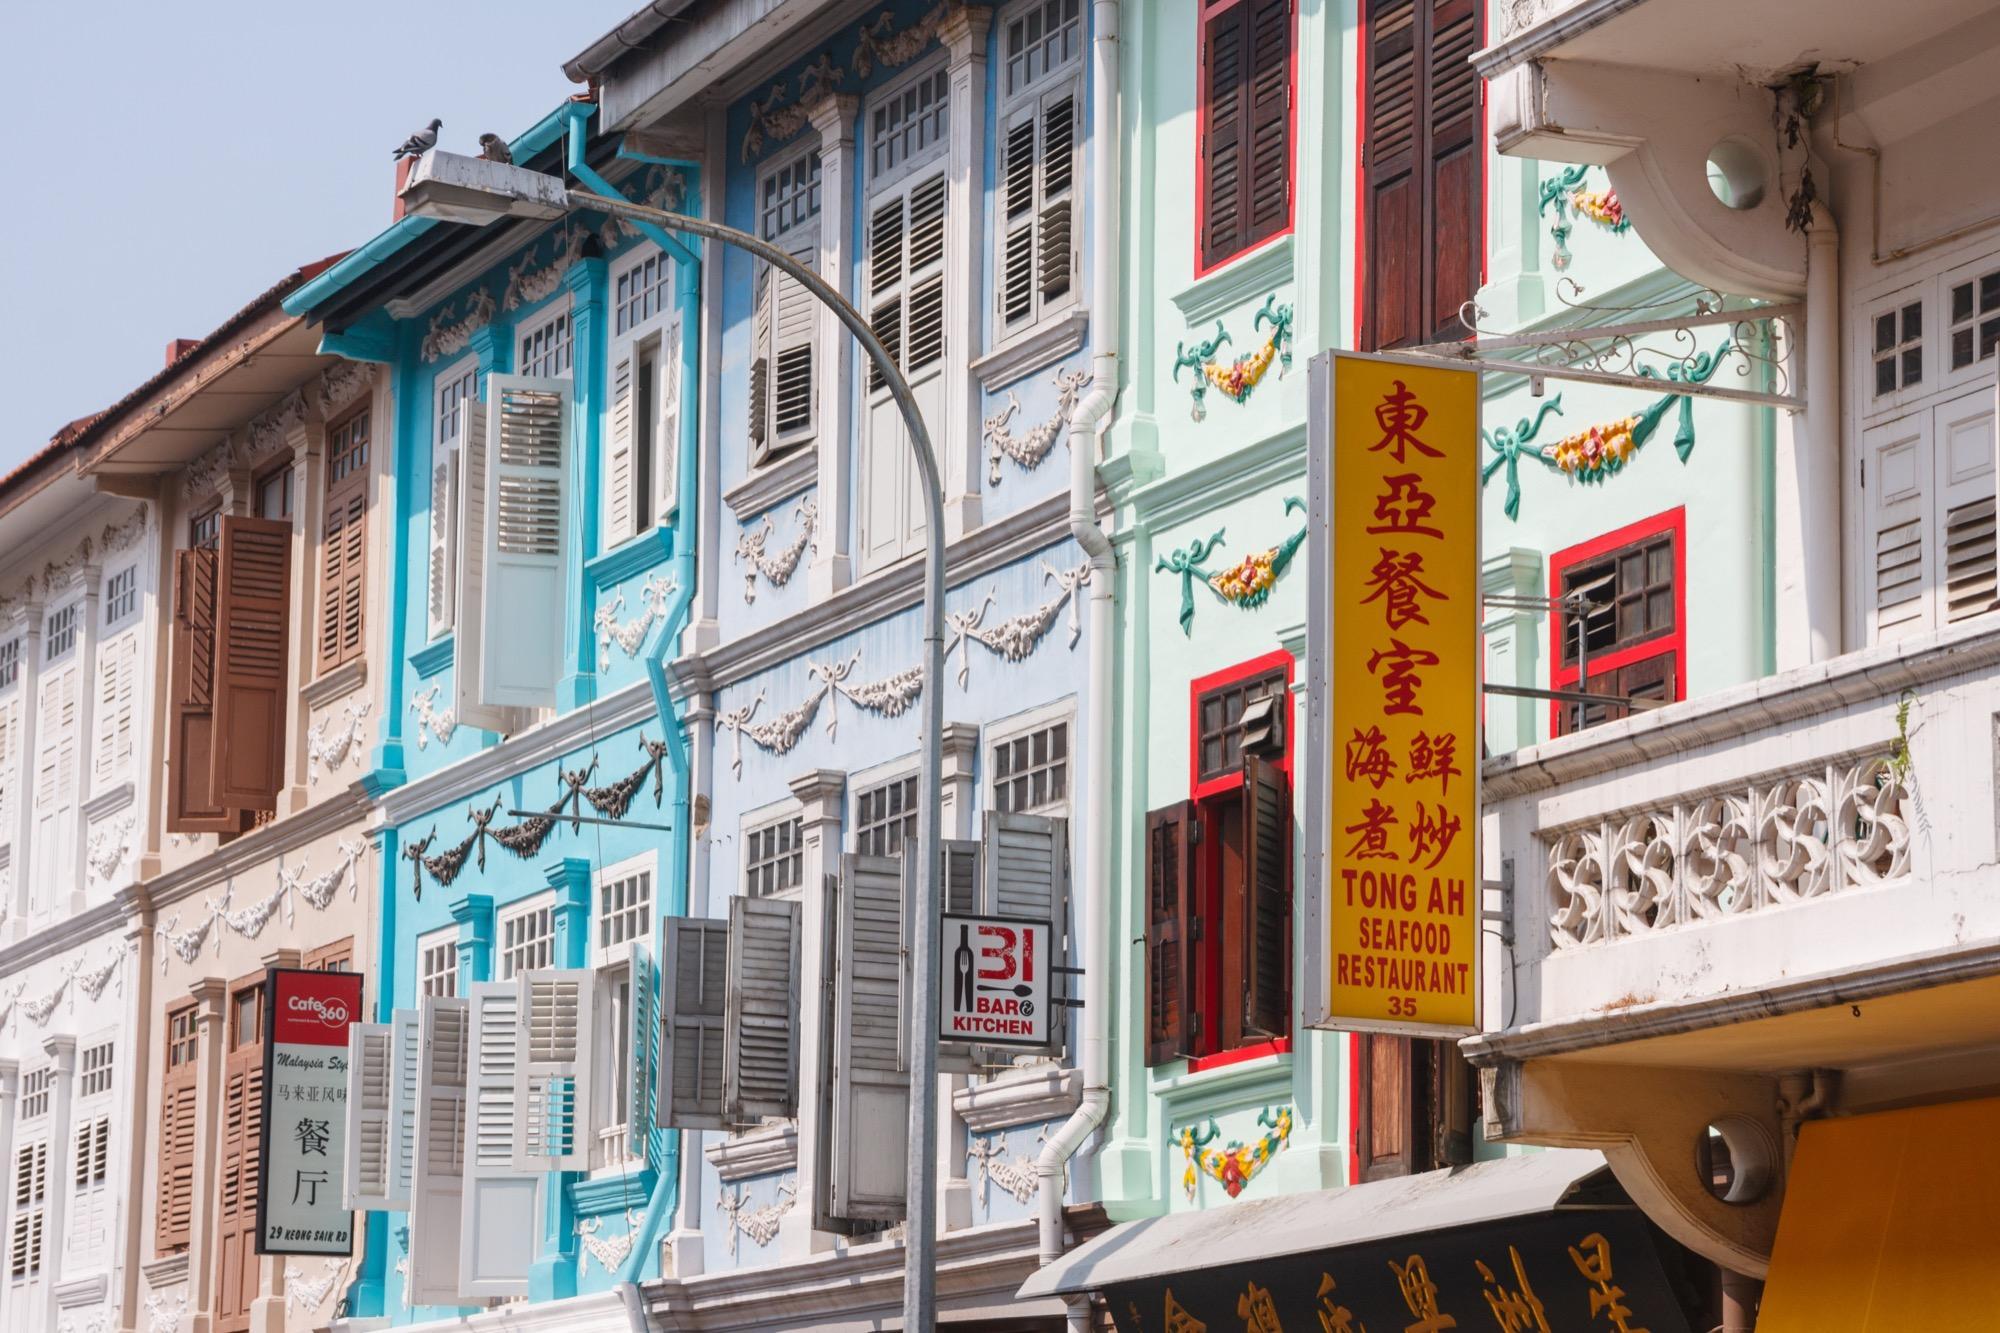 Singapur - Geheimtipps in Asien